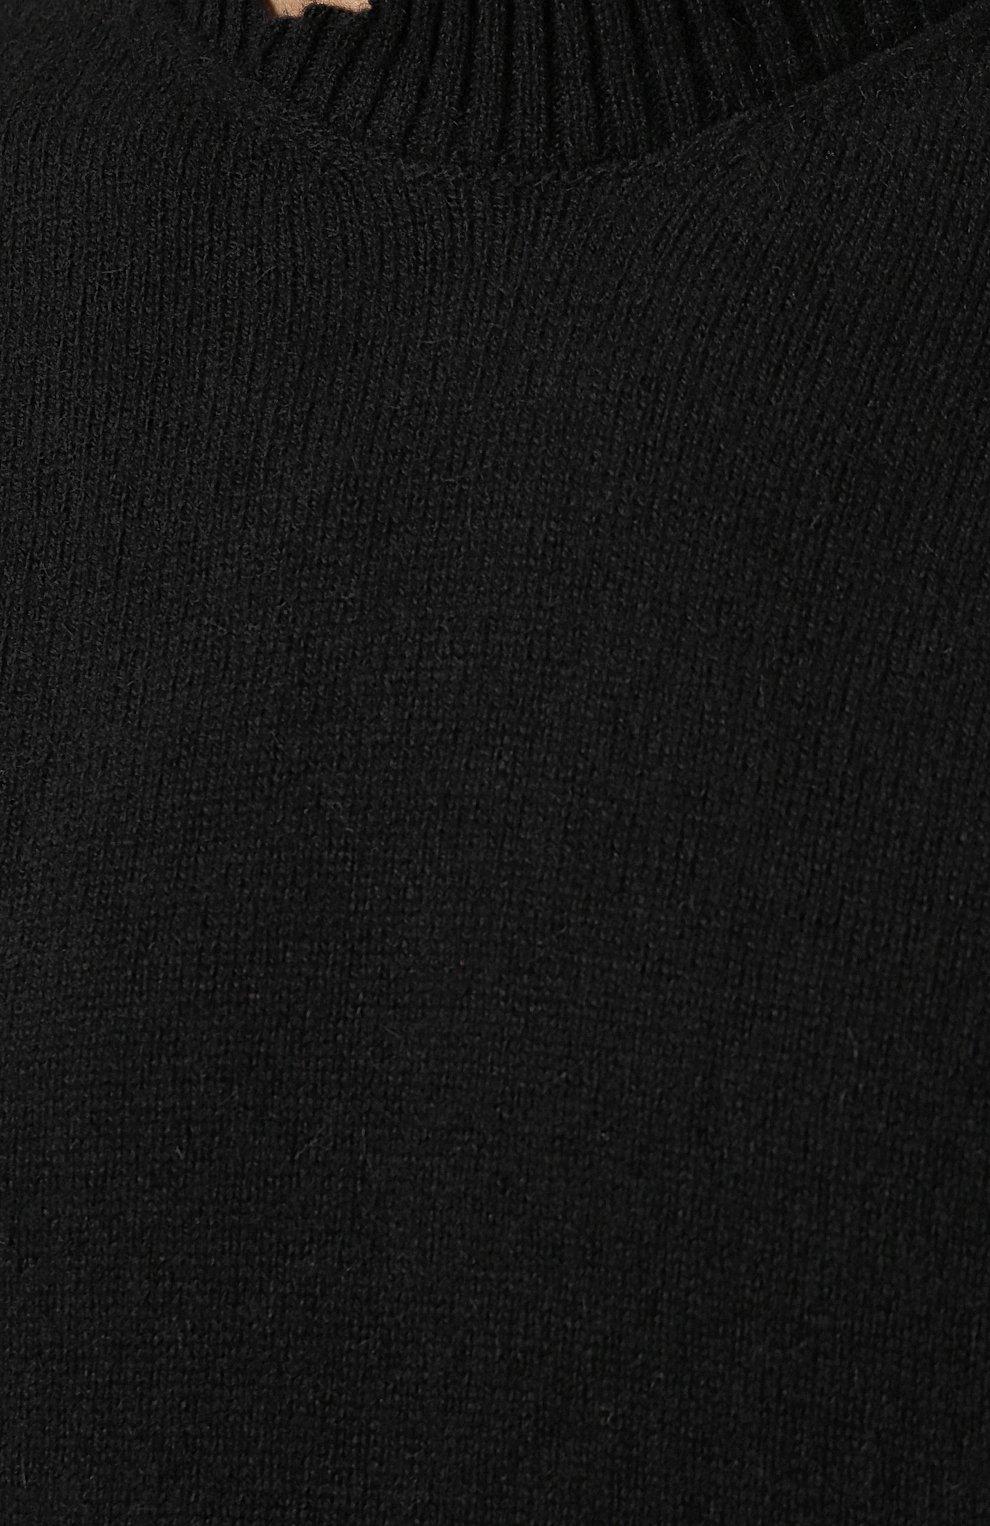 Шерстяной джемпер тонкой вязки с перфорацией Diesel черный   Фото №5